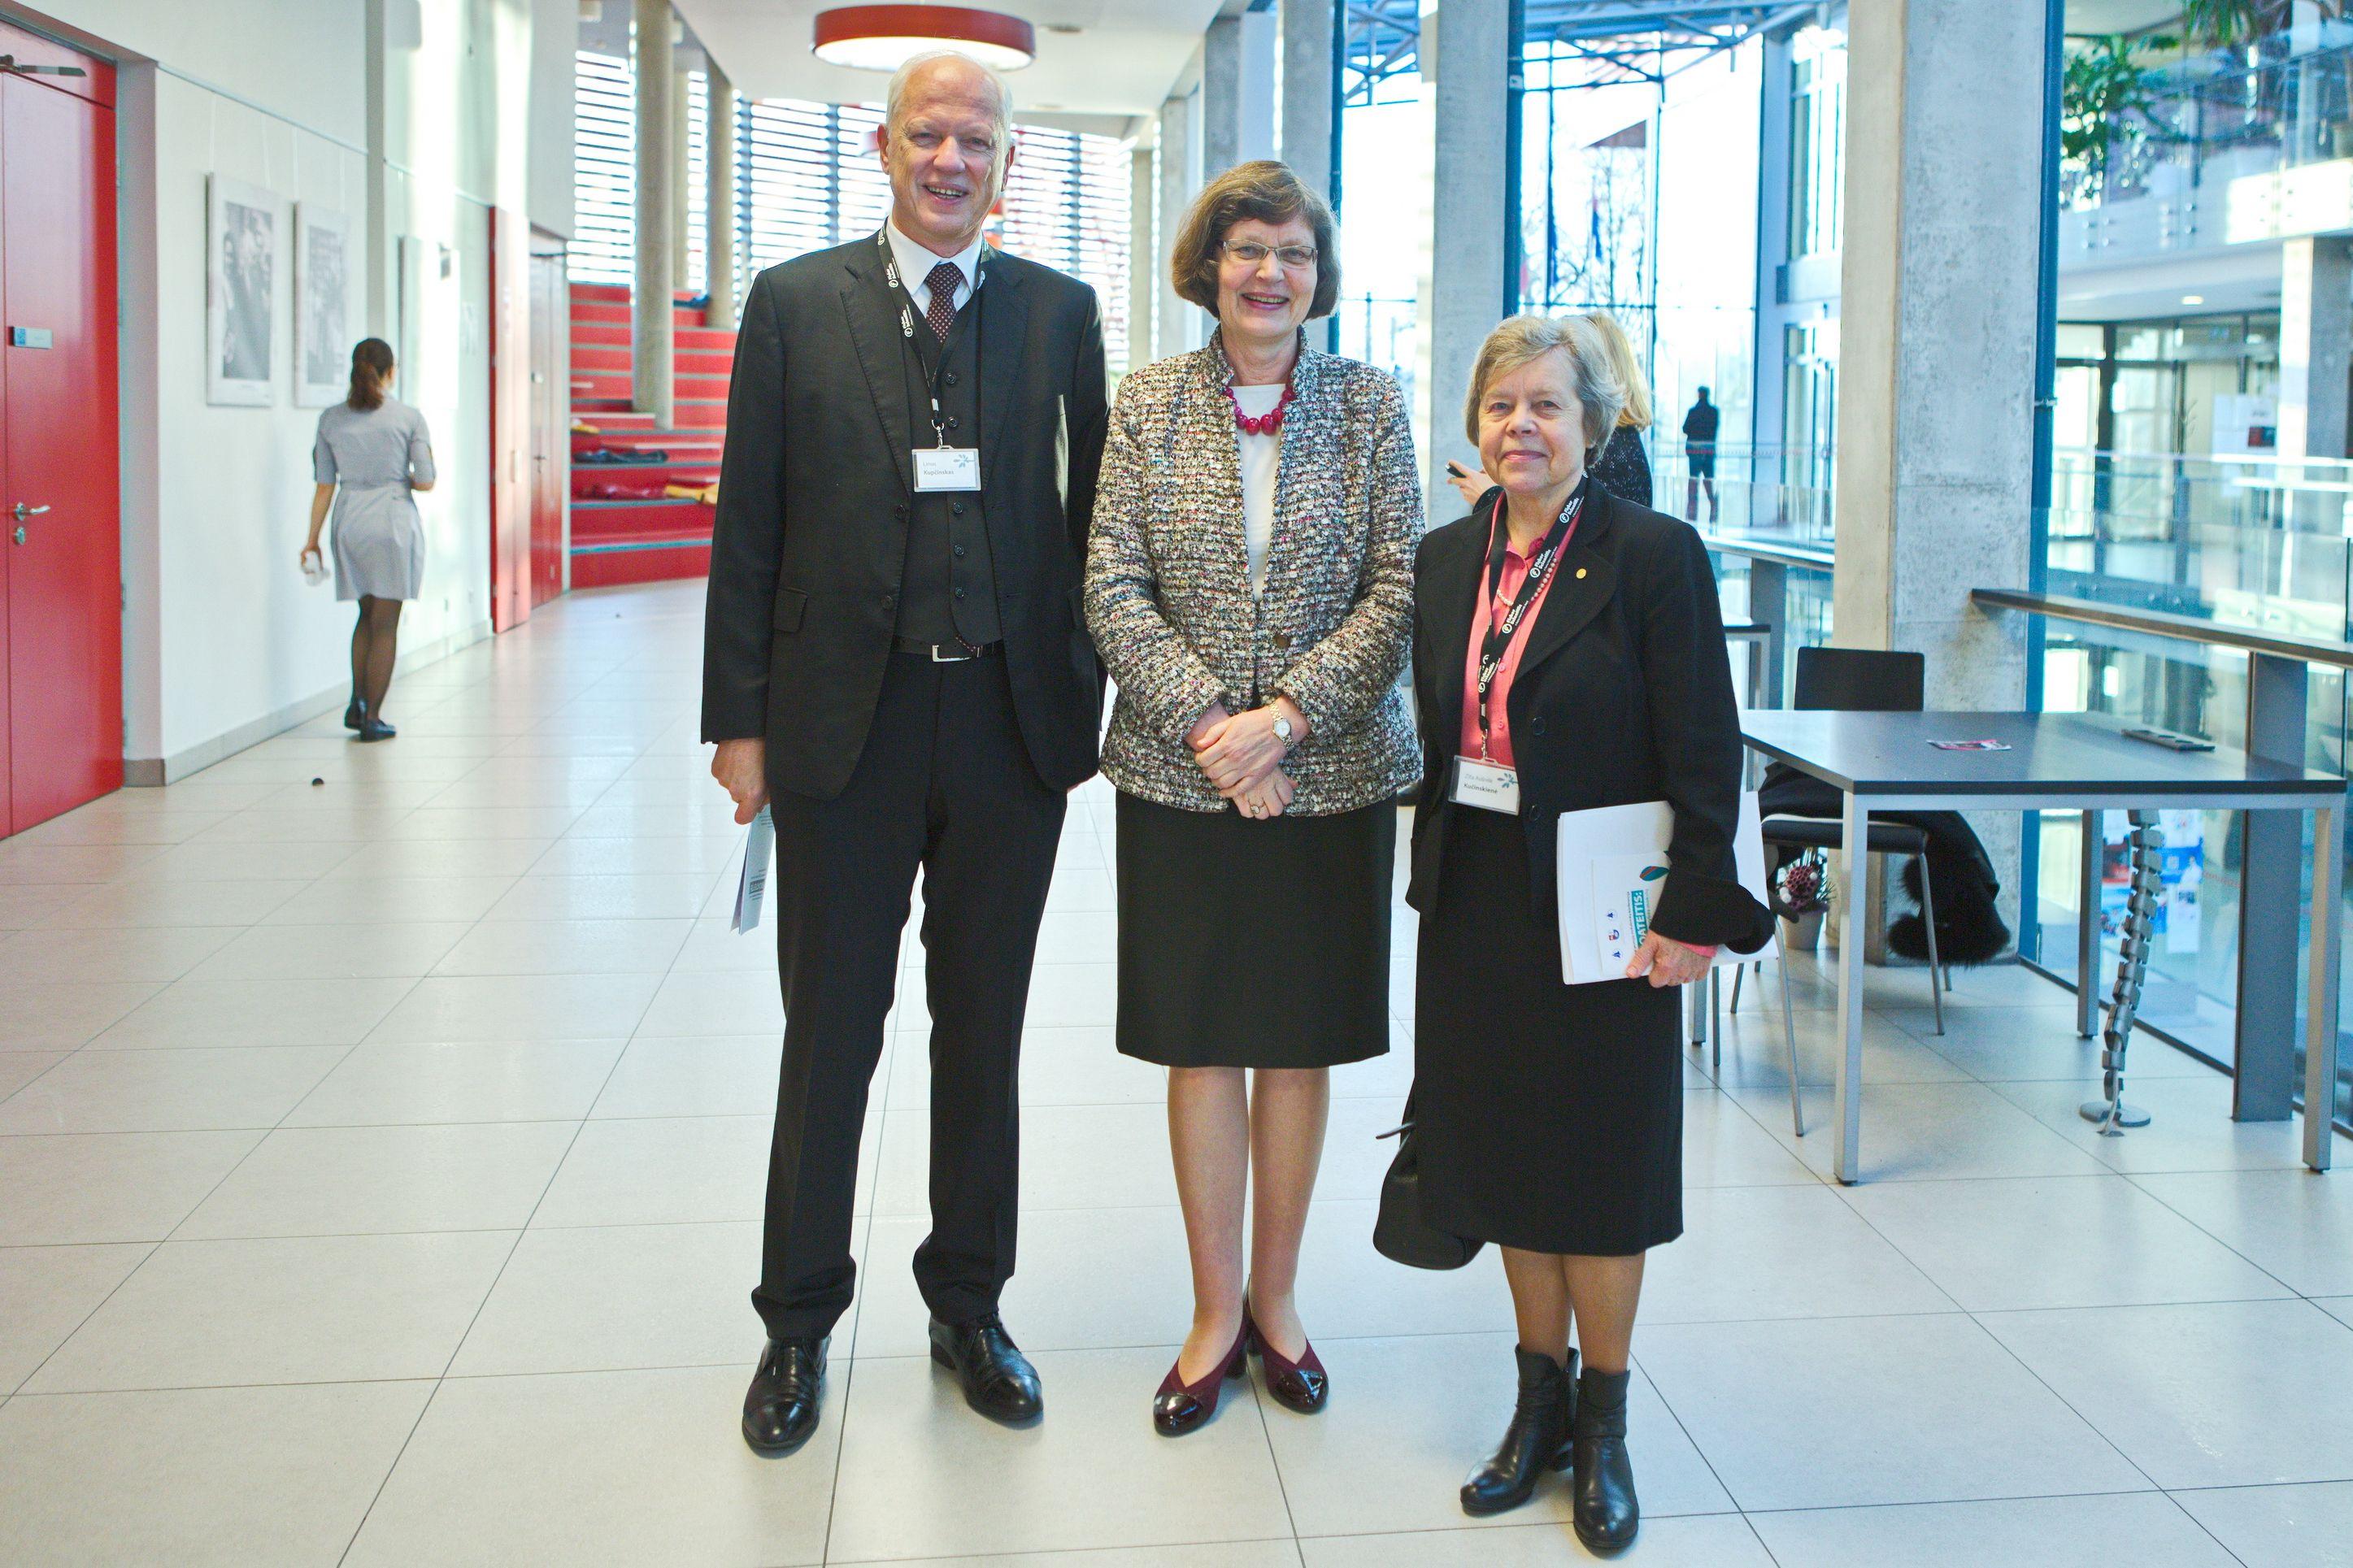 Iš kairės: akad. Limas Kupčinskas, LSMU prorektorė mokslui prof. habil. dr. Vaiva Lesauskaitė ir akad. Zita Aušrelė Kučinskienė | lma.lt nuotr.